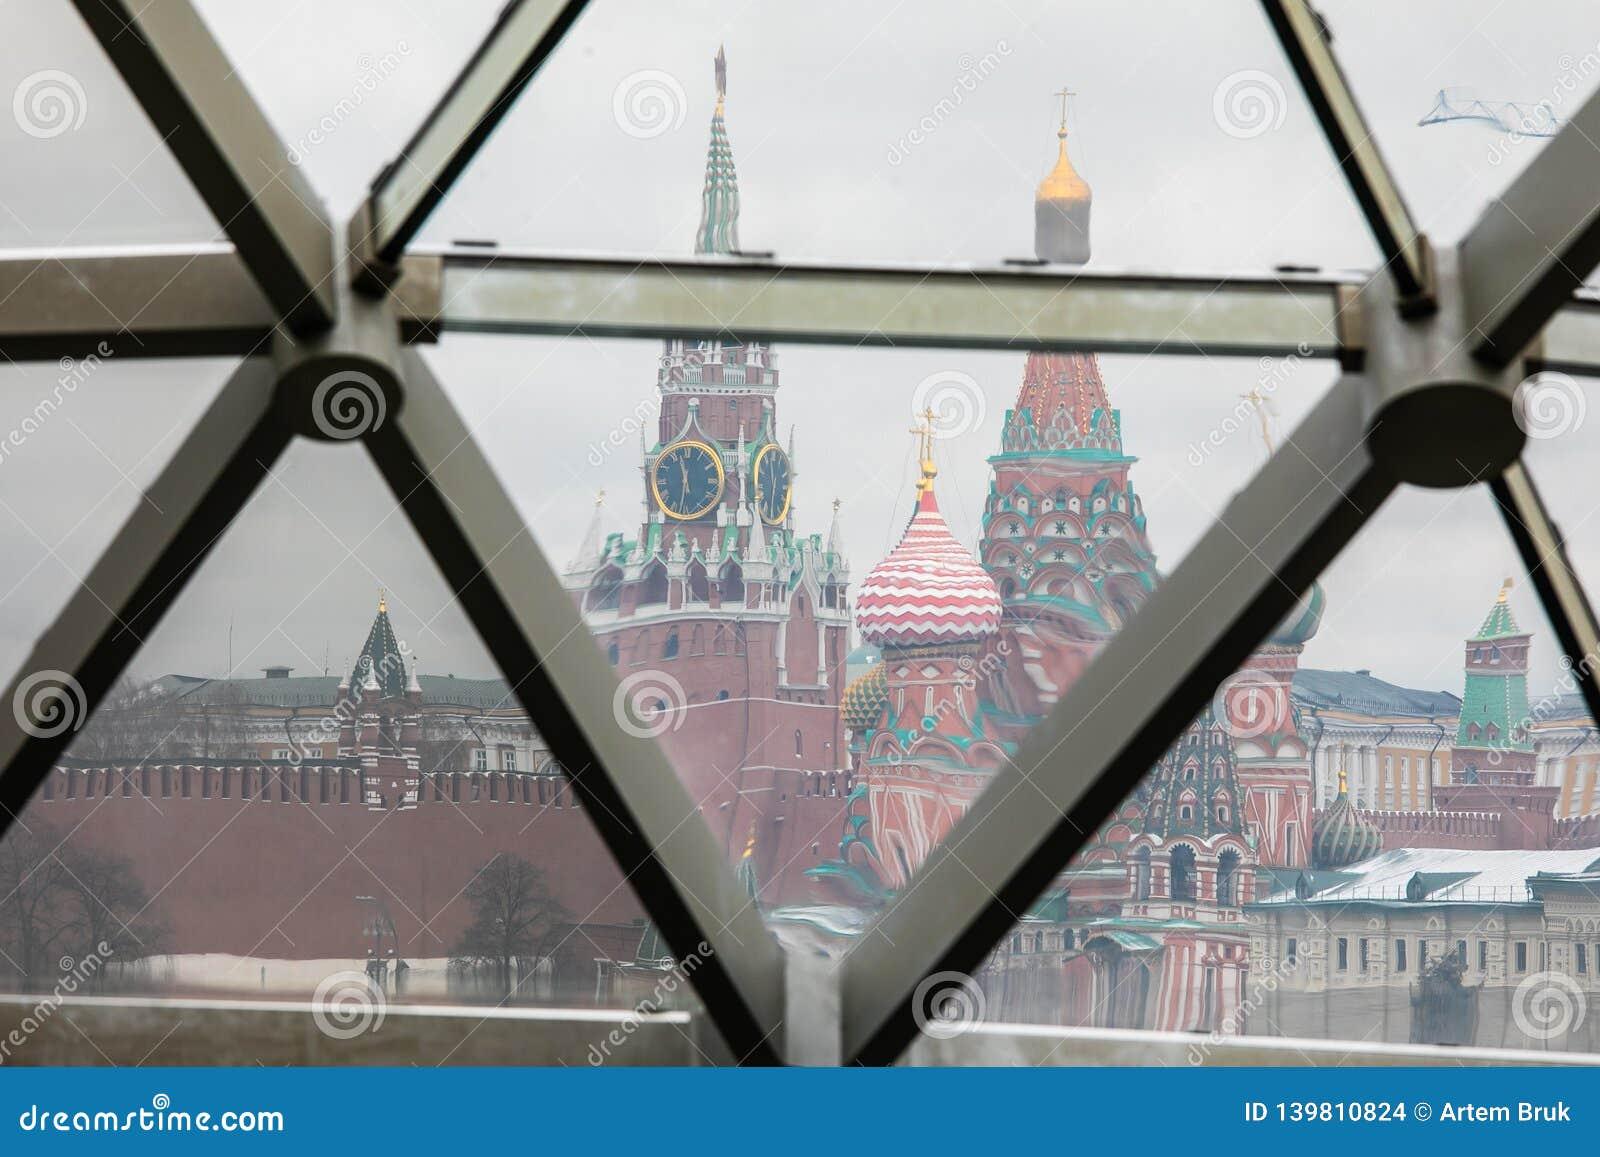 Moskou, Rusland - december 10 2018: mening van Moskou het Kremlin en St de Kathedraal van het Basilicum door het glas